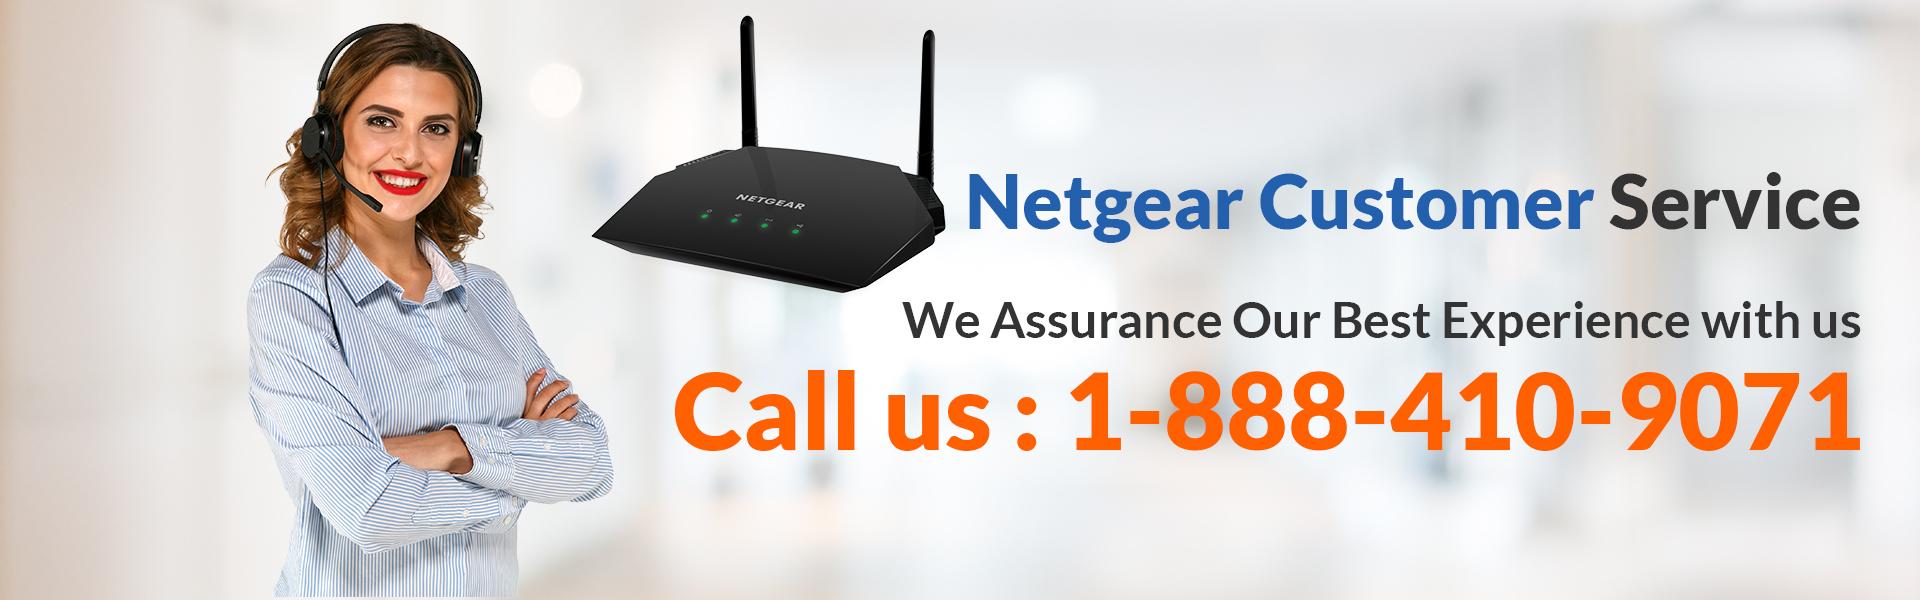 Netgear Customer Service 1-888-410-9071